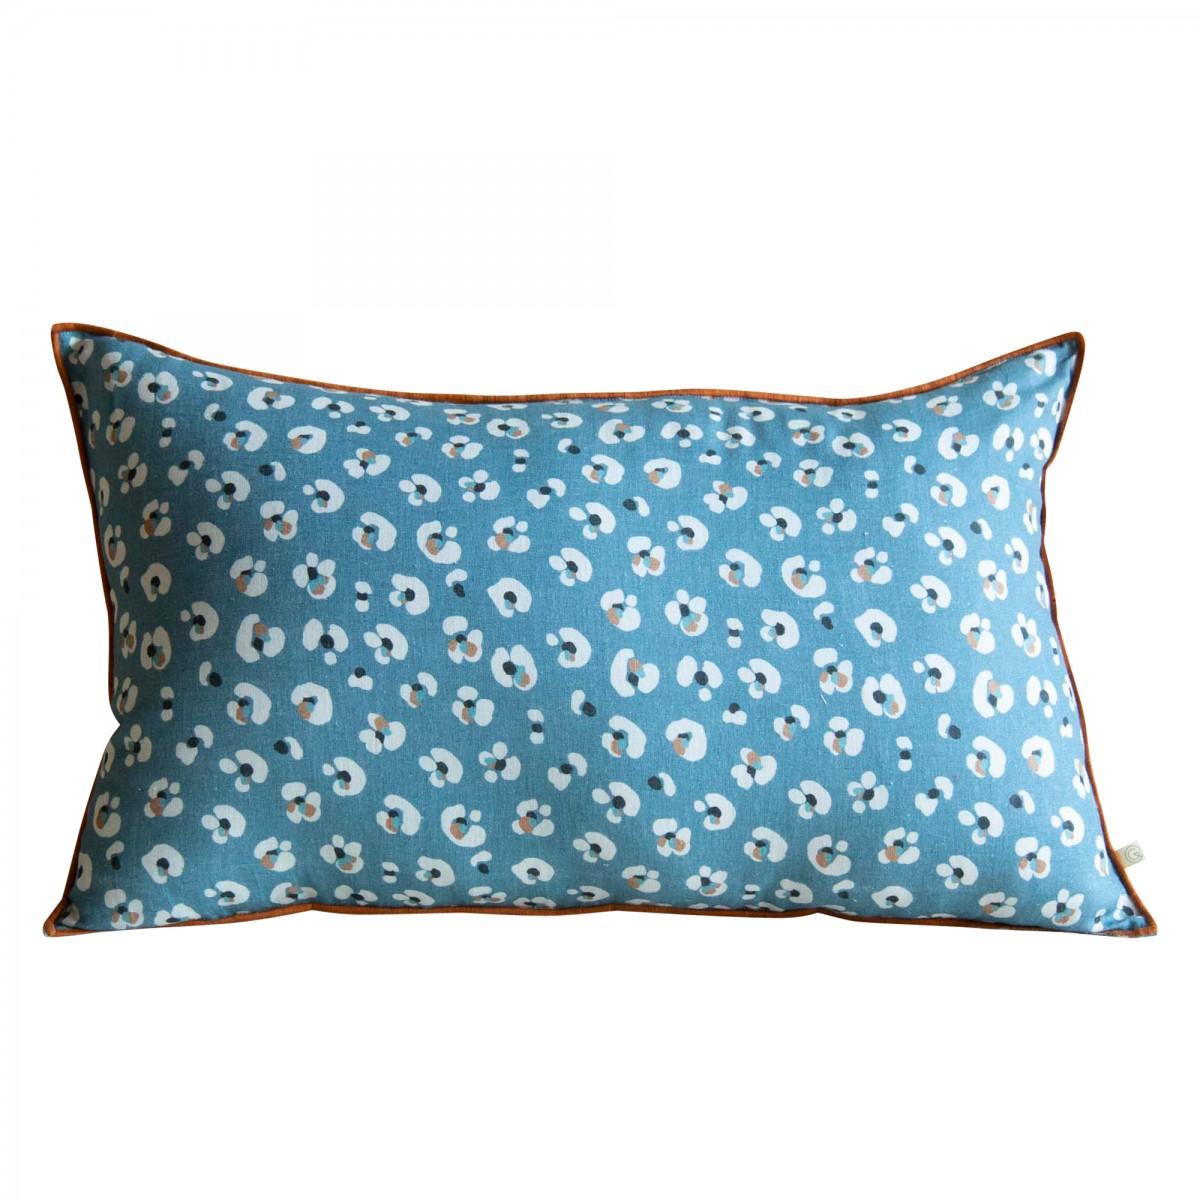 Housse de coussin en lin imprimé léopard bleu foncé 40x65